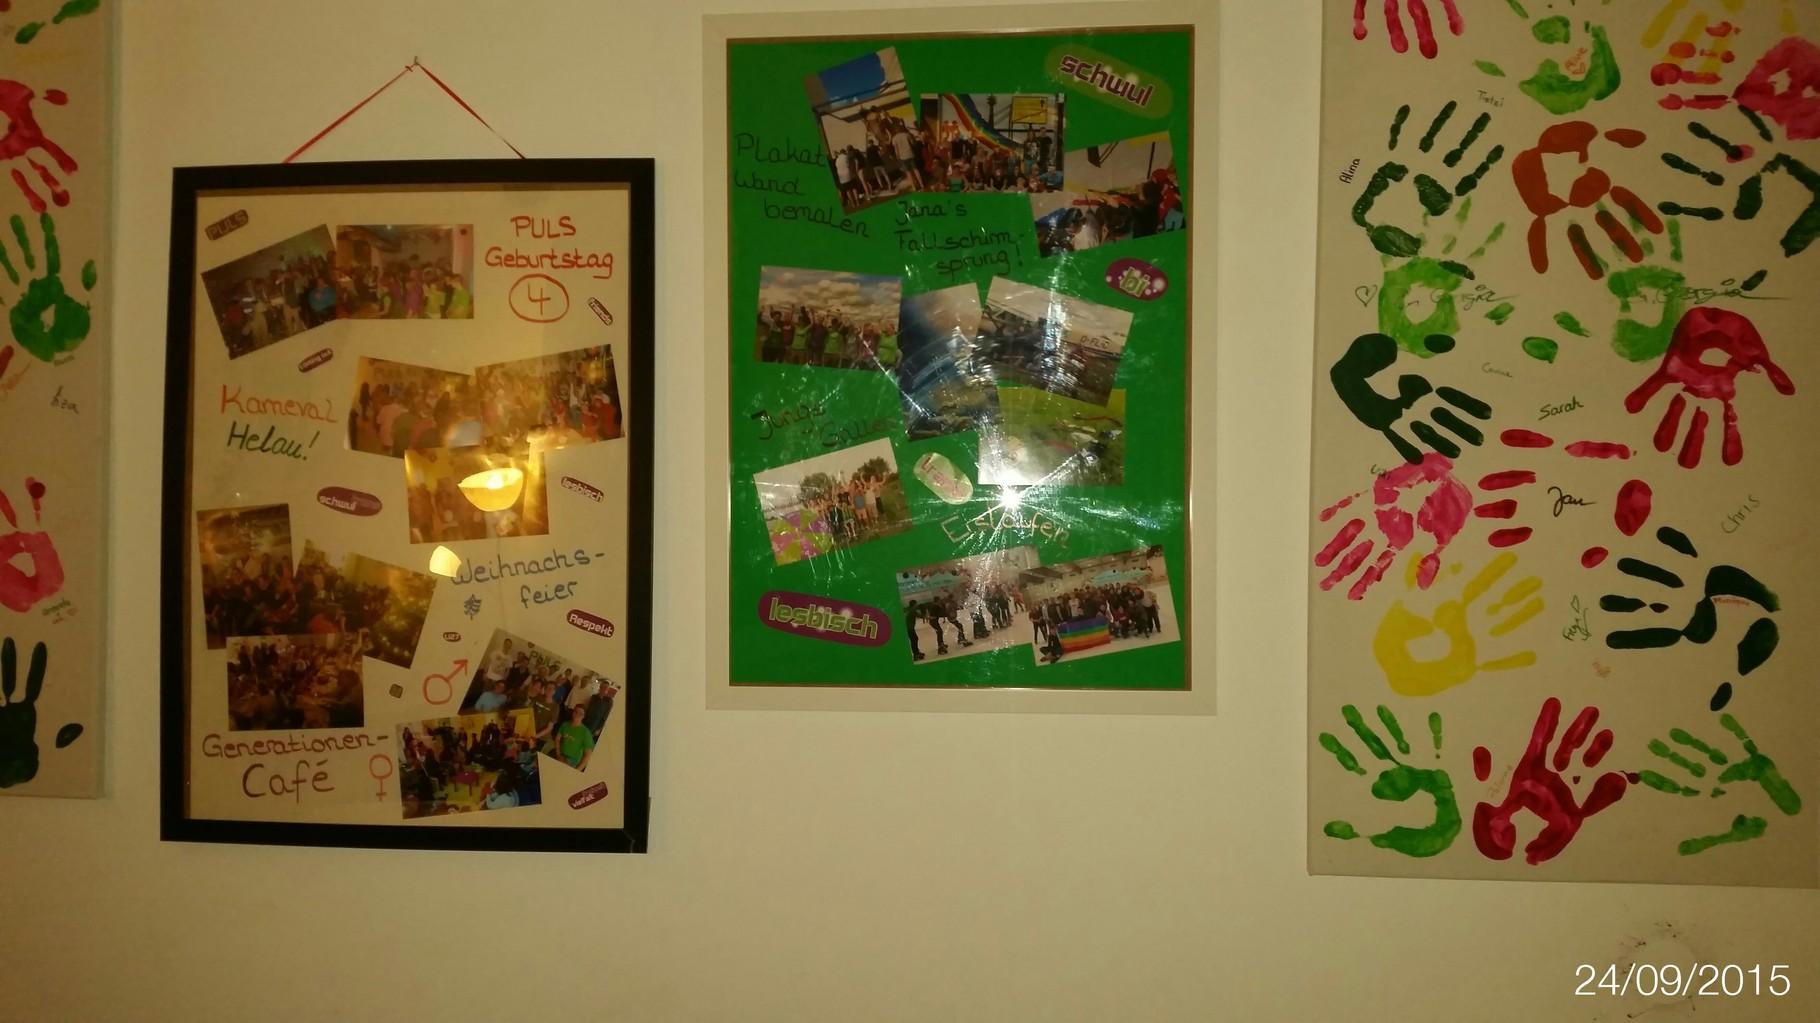 Viele Bilder von Handabdrücken, Politischen Veranstaltungen, Sommercamps oder Janas Fallschirmsprung welchen das PULS ihr zum Geburtstag geschenkt haben, hängen hier an der Wand.